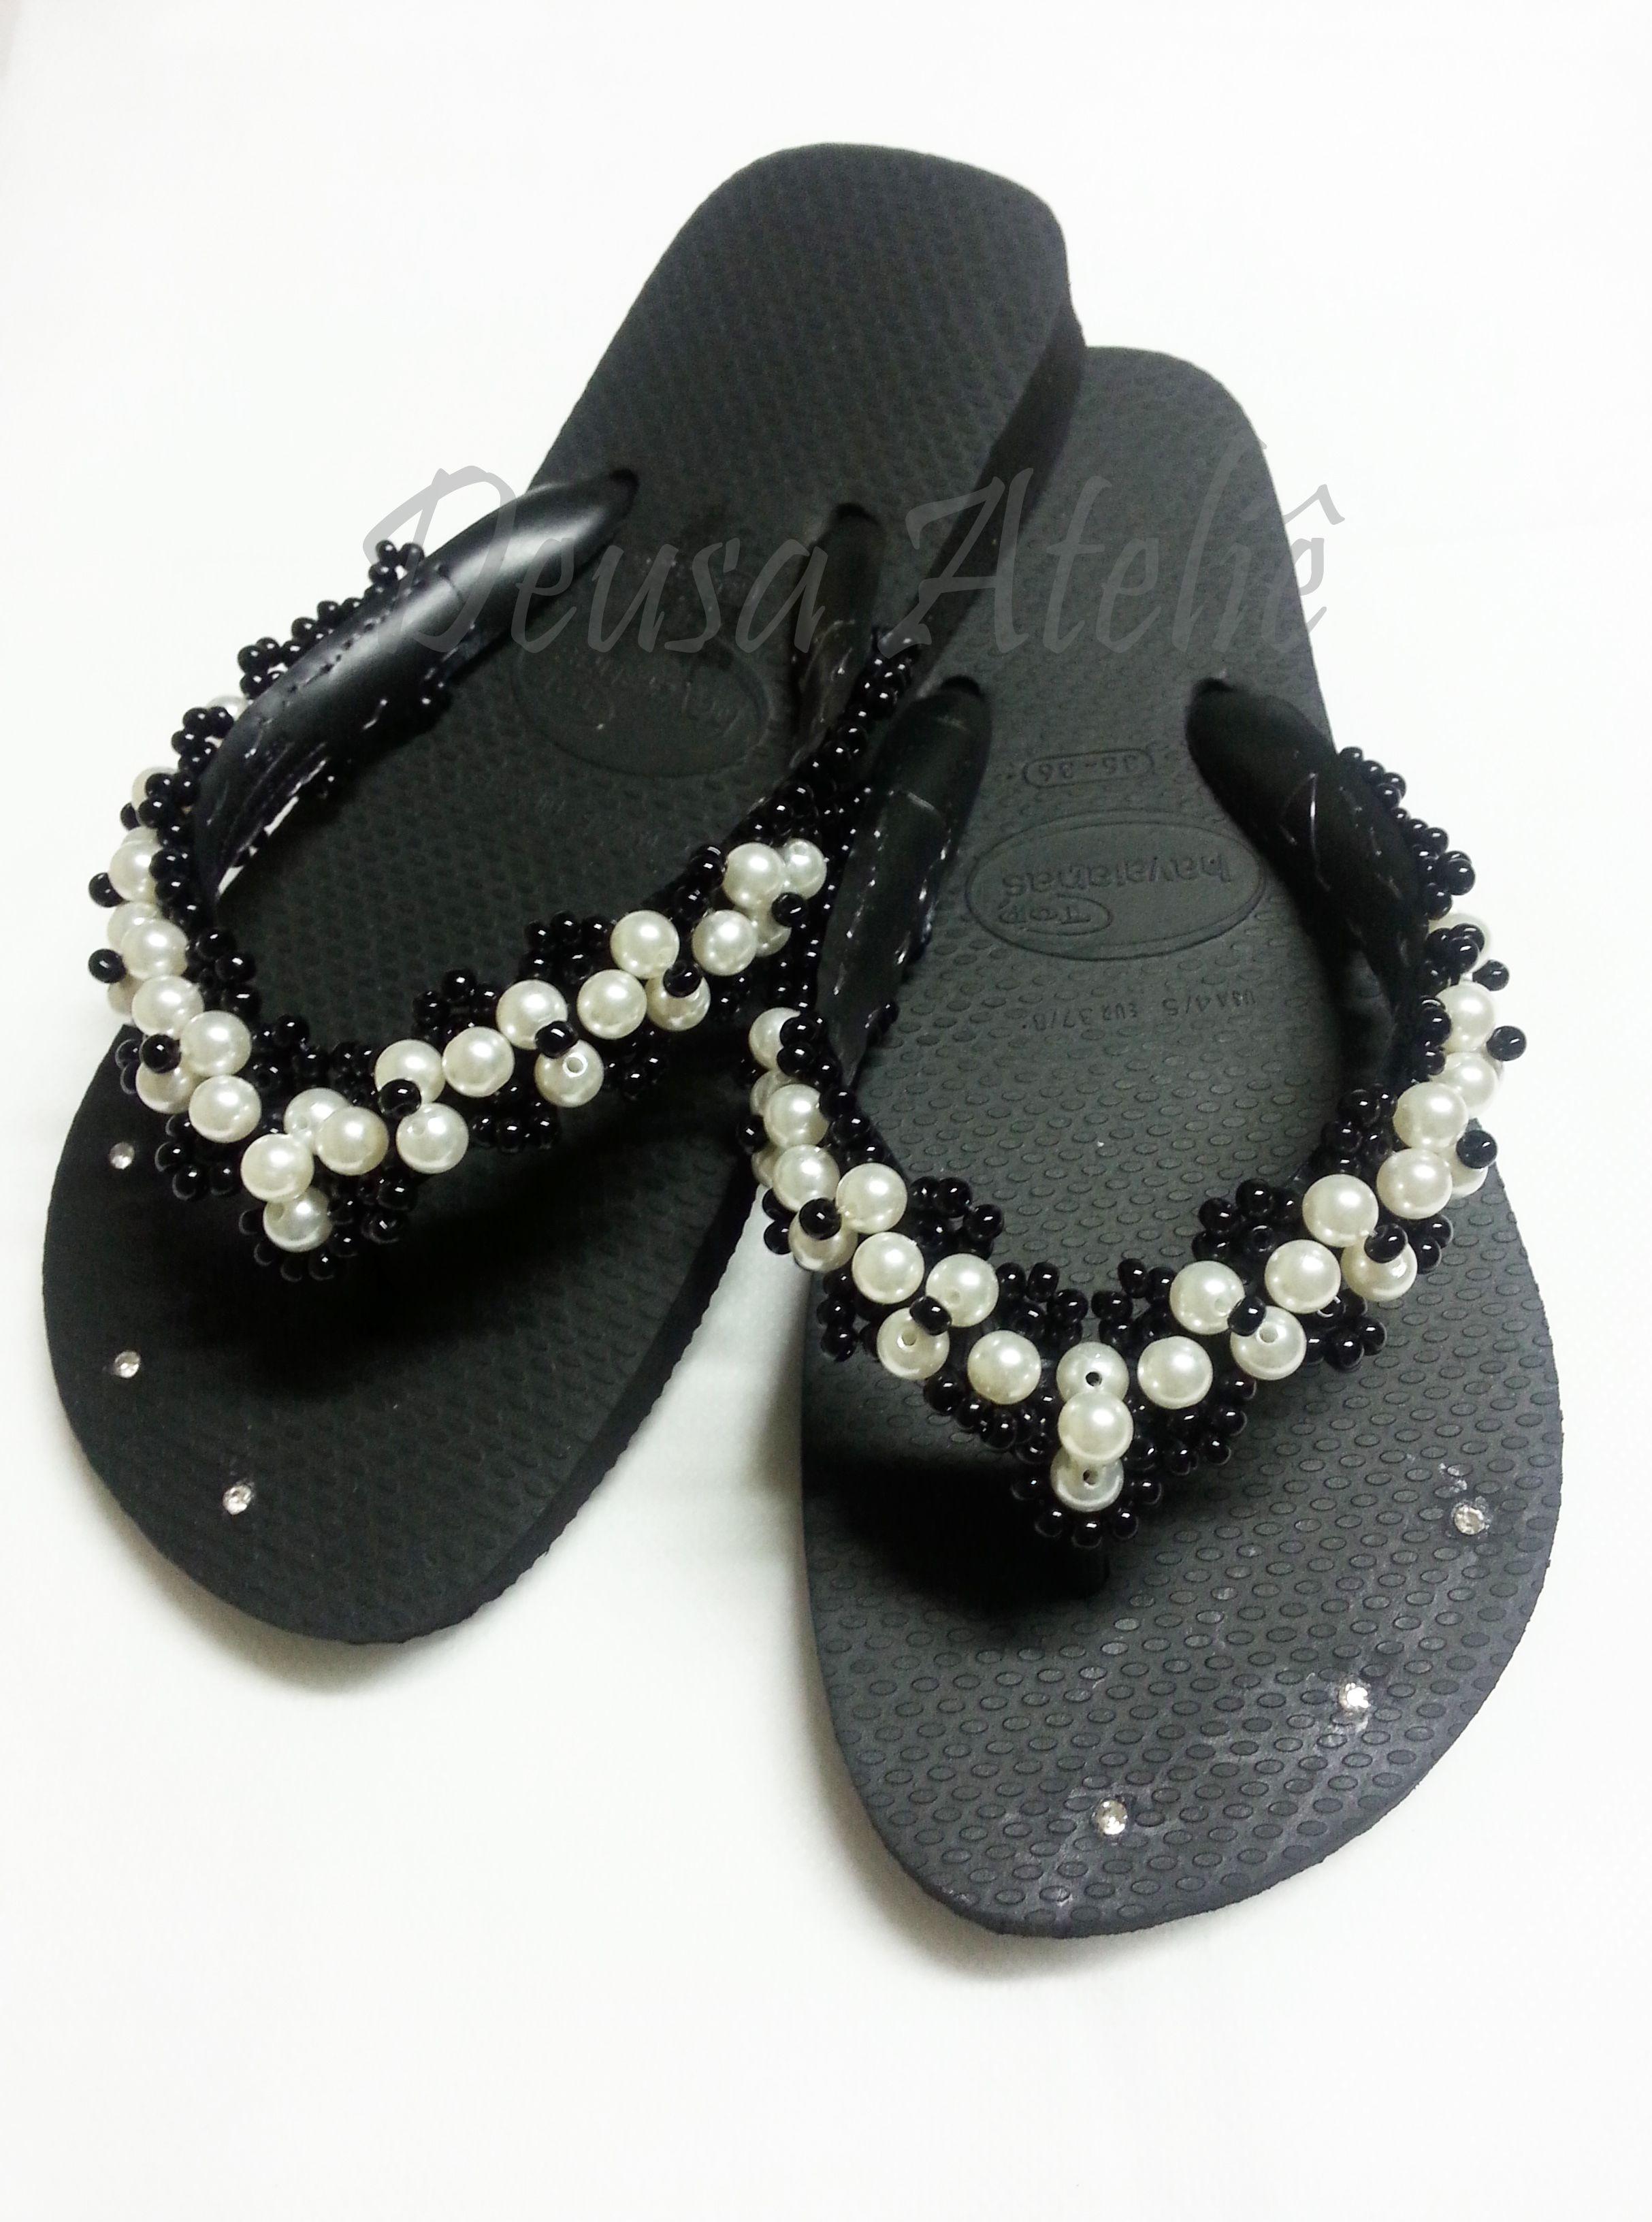 eea069620c Chinelo preto bordados com pérolas brancas e miçangas pretas ...